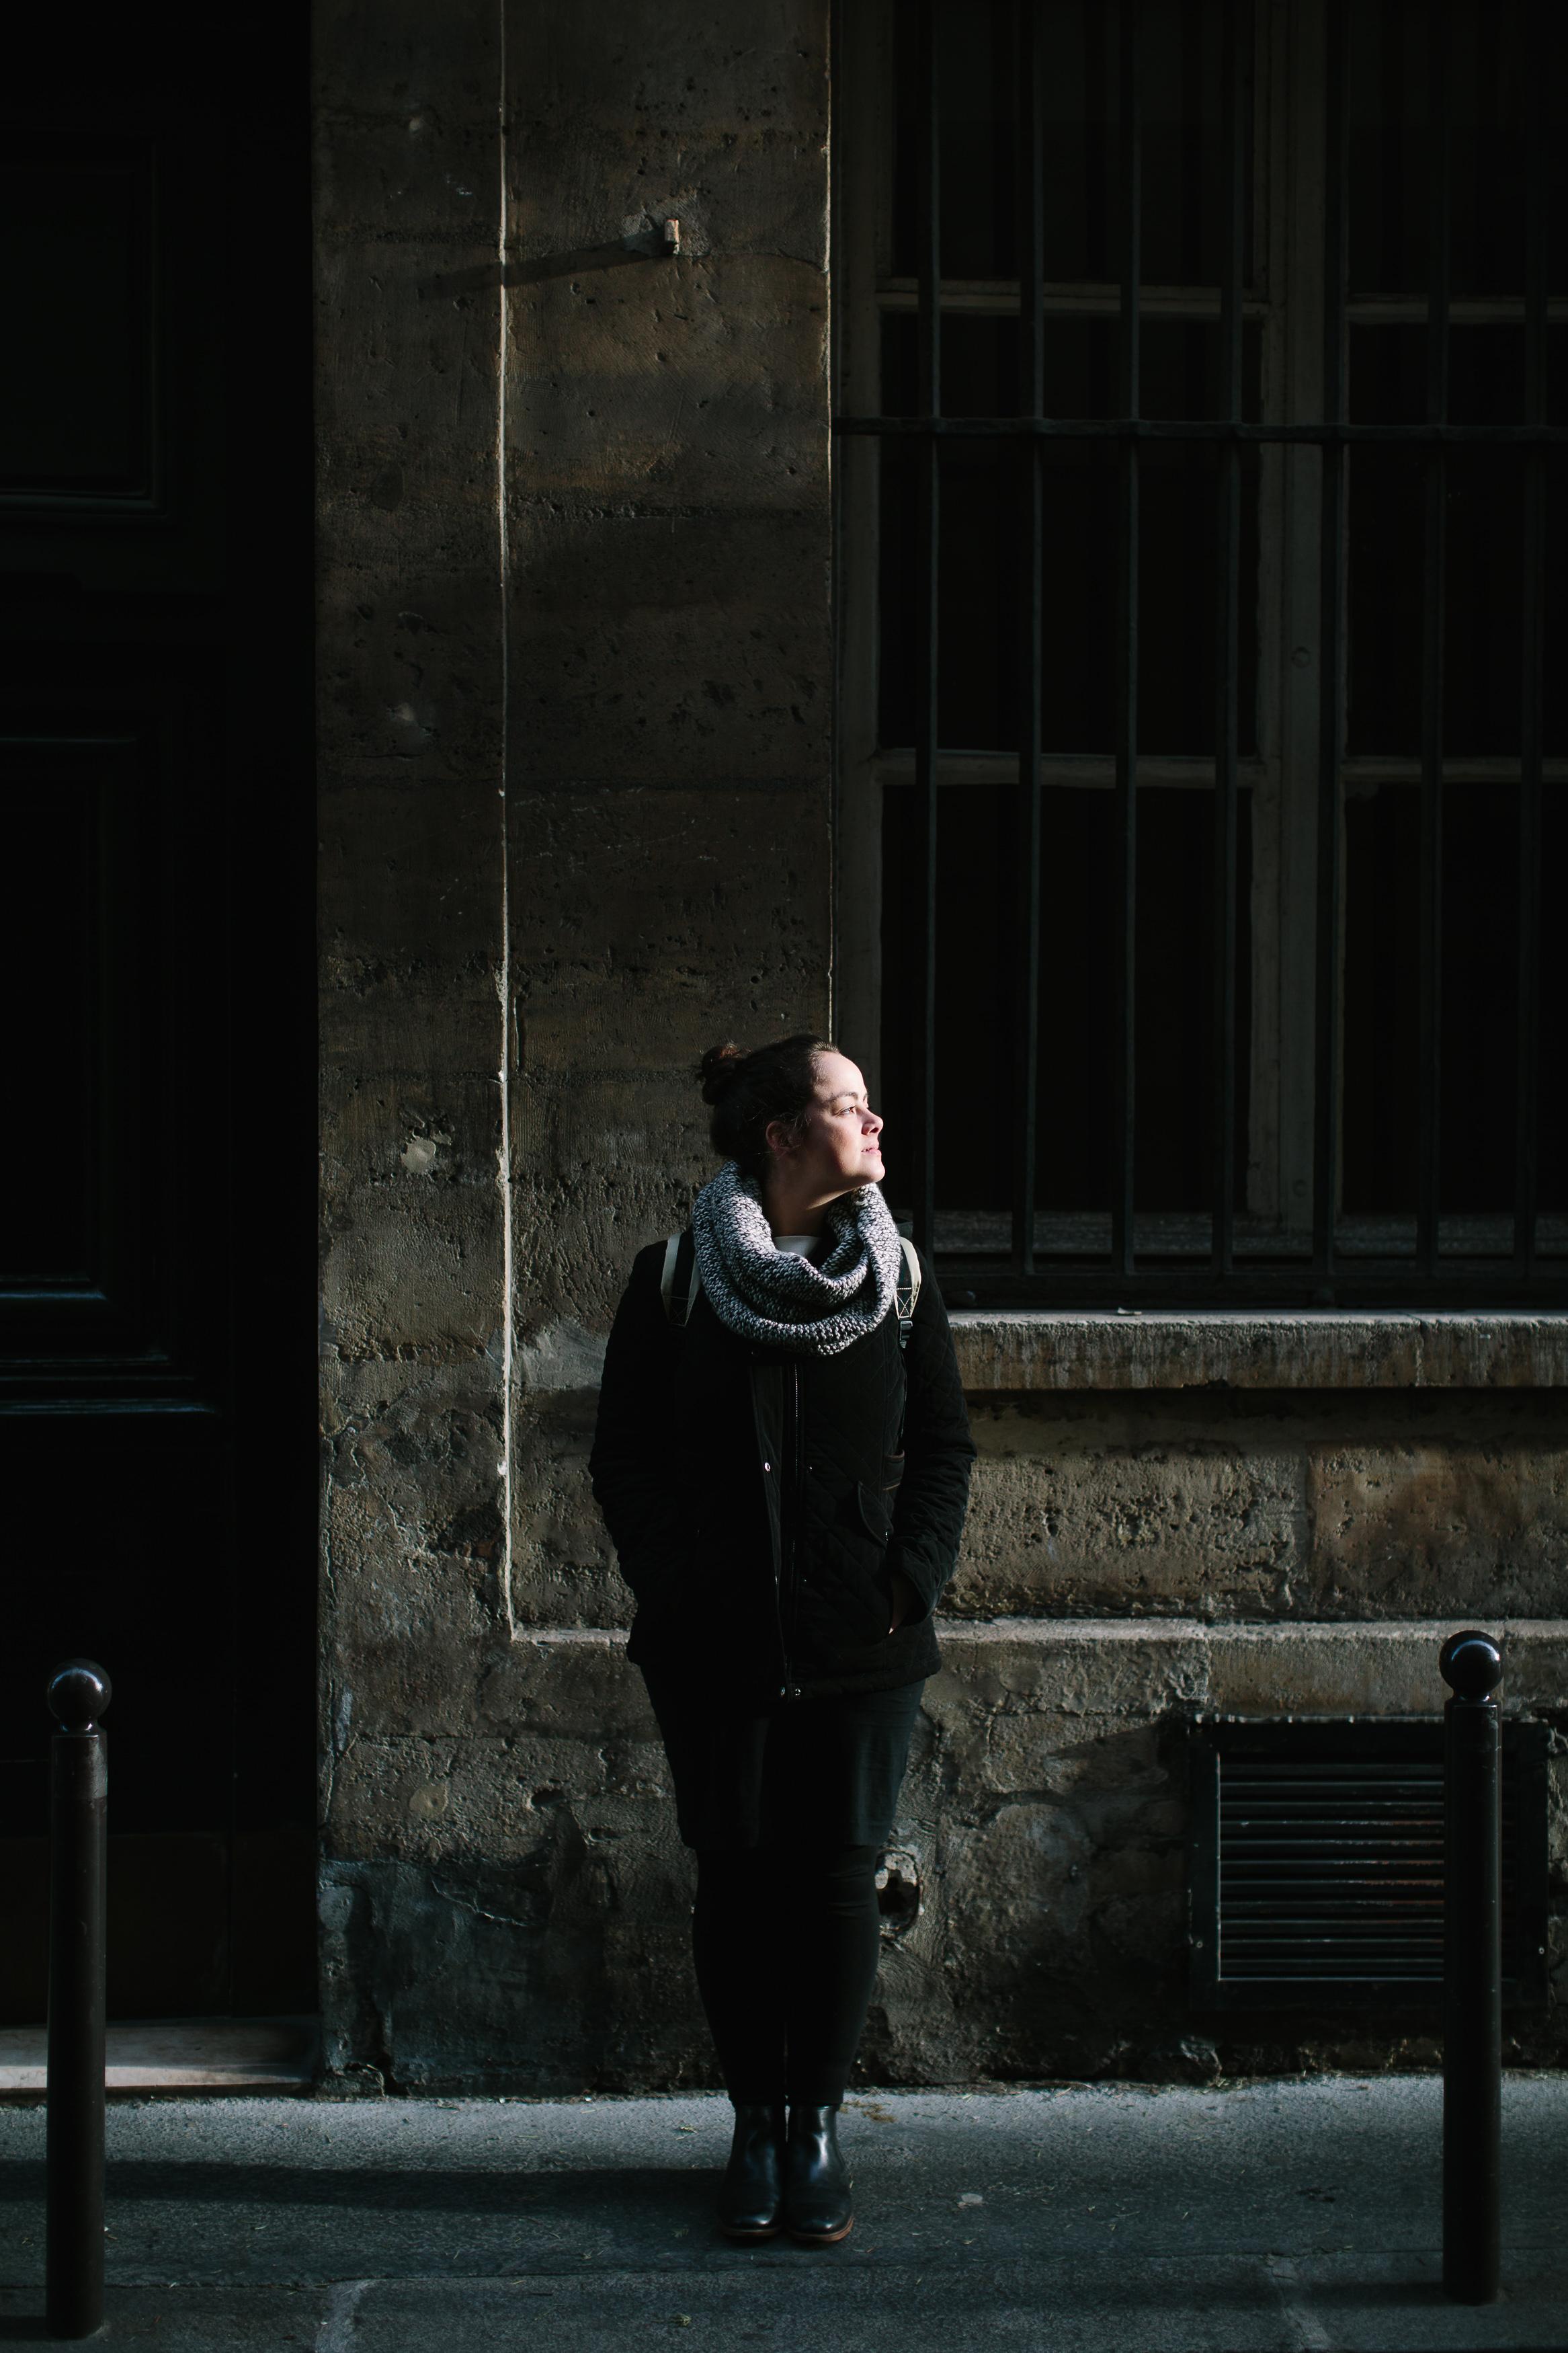 Nicodem Creative_Paris-15.jpg